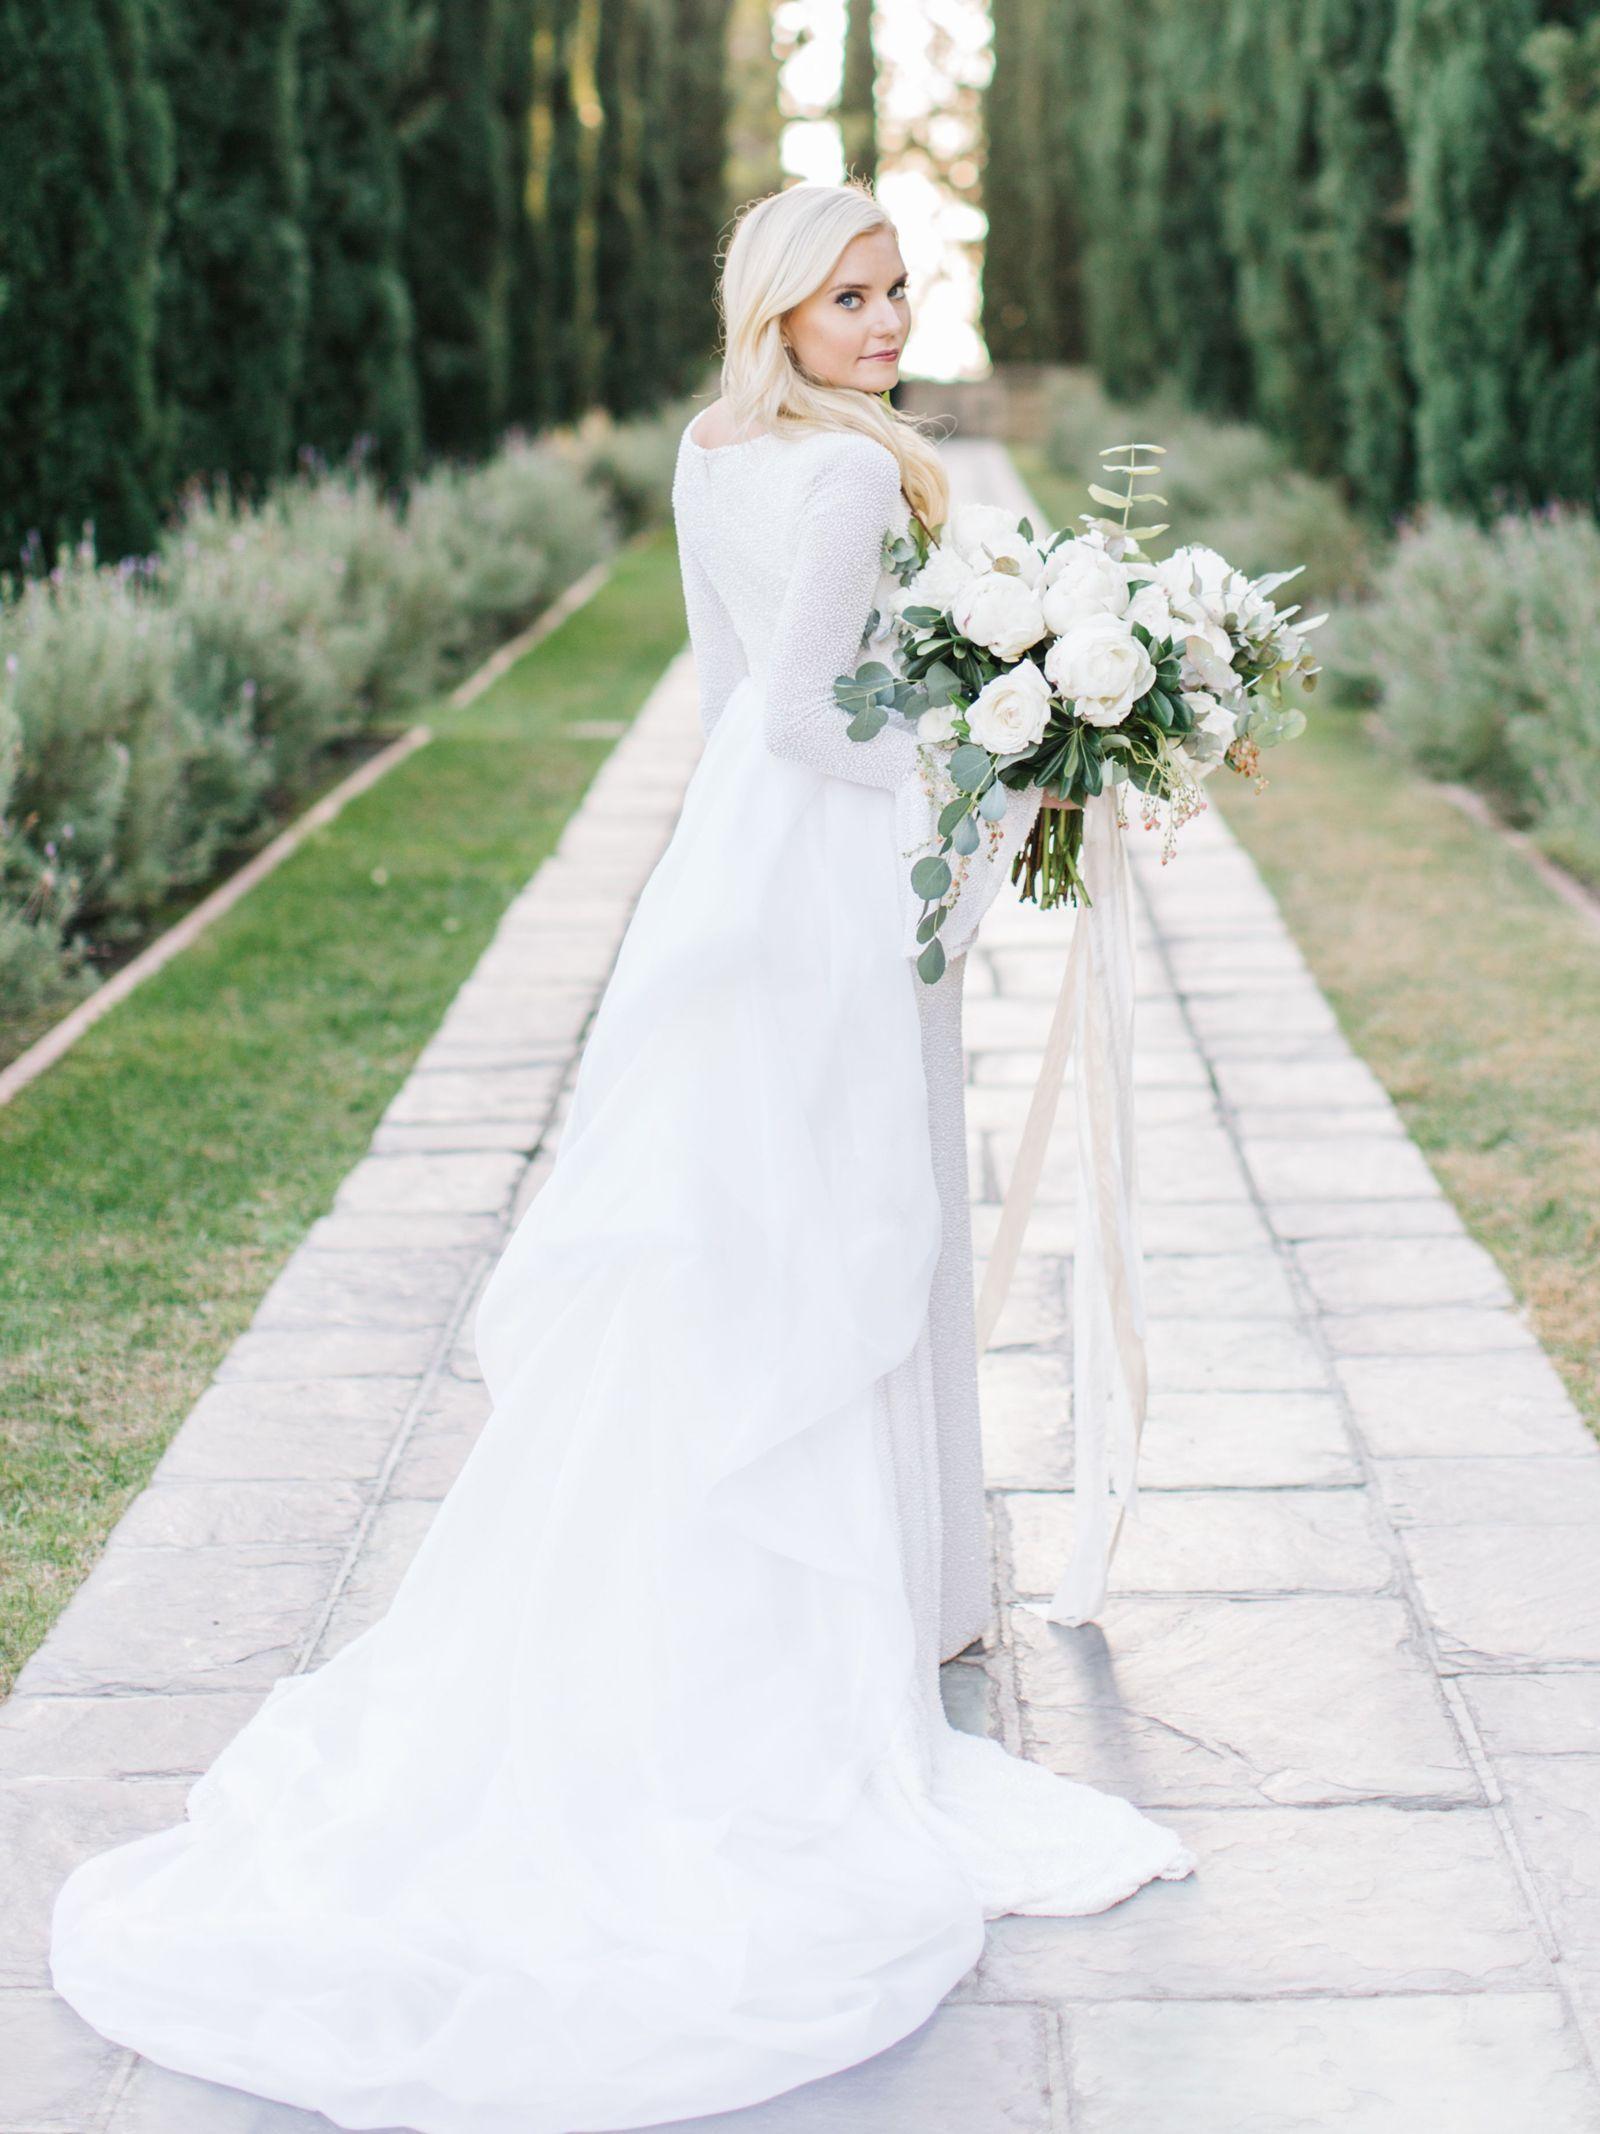 27 Elegant Winter Wedding Dresses You Can Shop Now Winter Wedding Dress Winter Wedding Outfits Wedding Dresses [ 2134 x 1600 Pixel ]